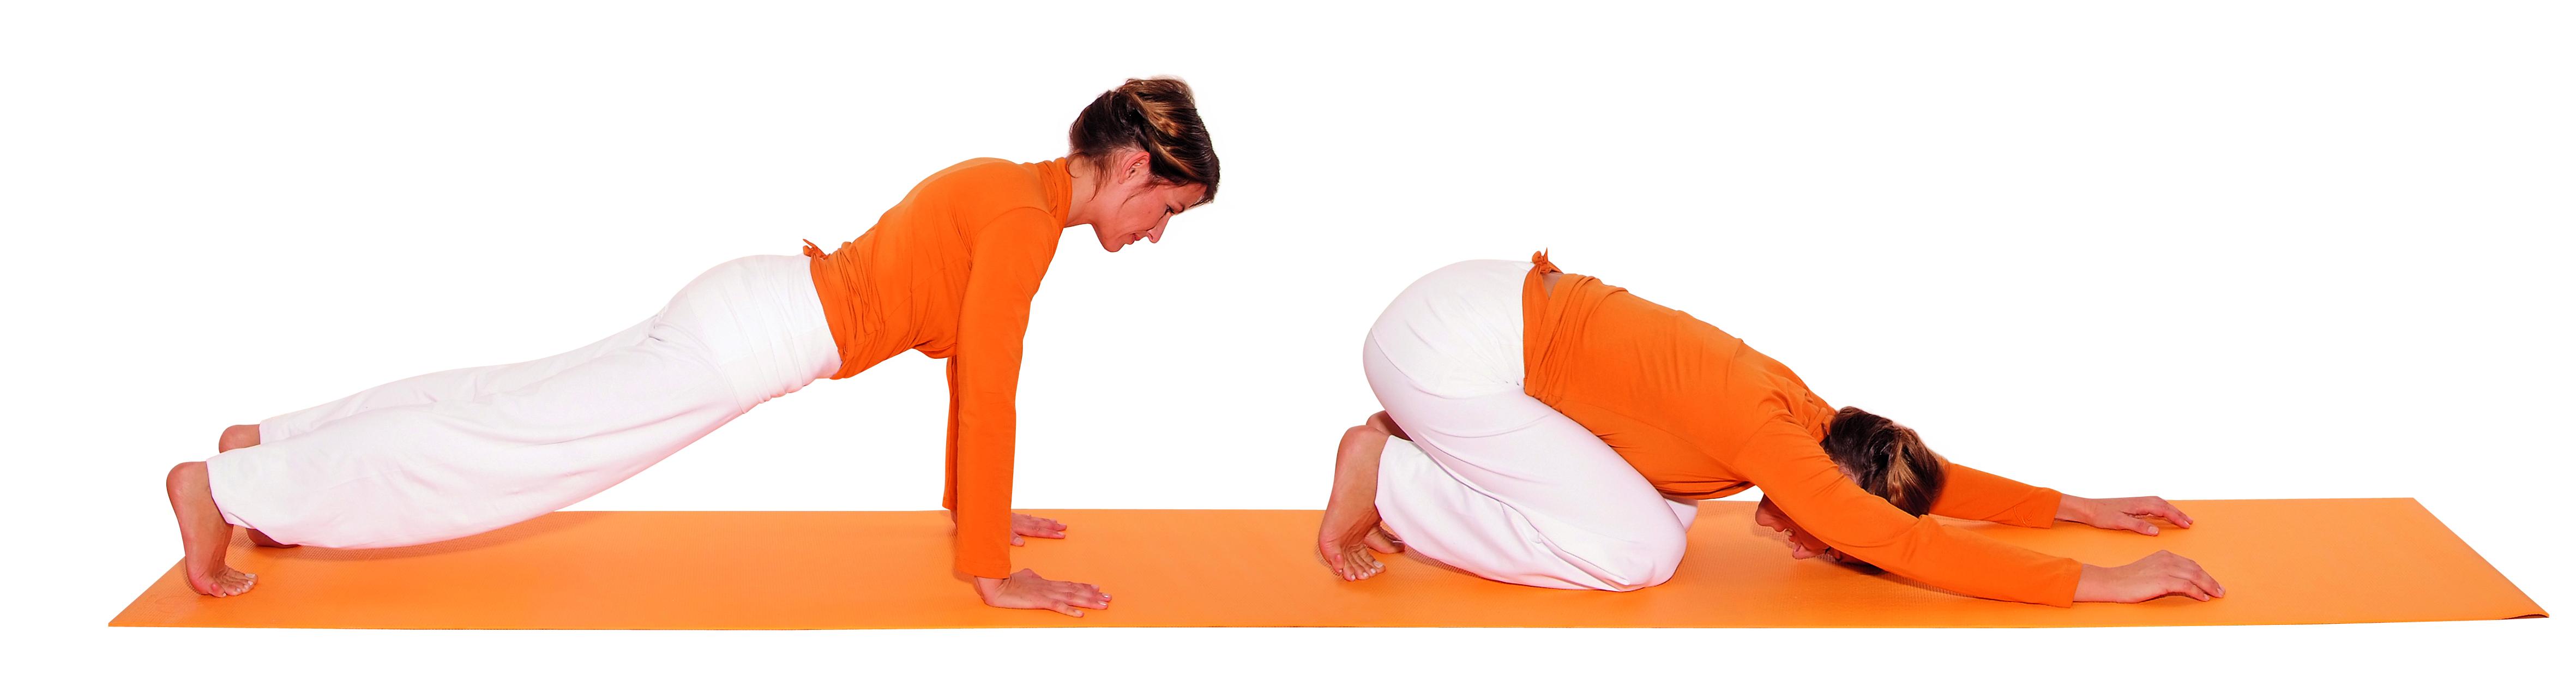 detox yogaflow brett stellung des kindes. Black Bedroom Furniture Sets. Home Design Ideas